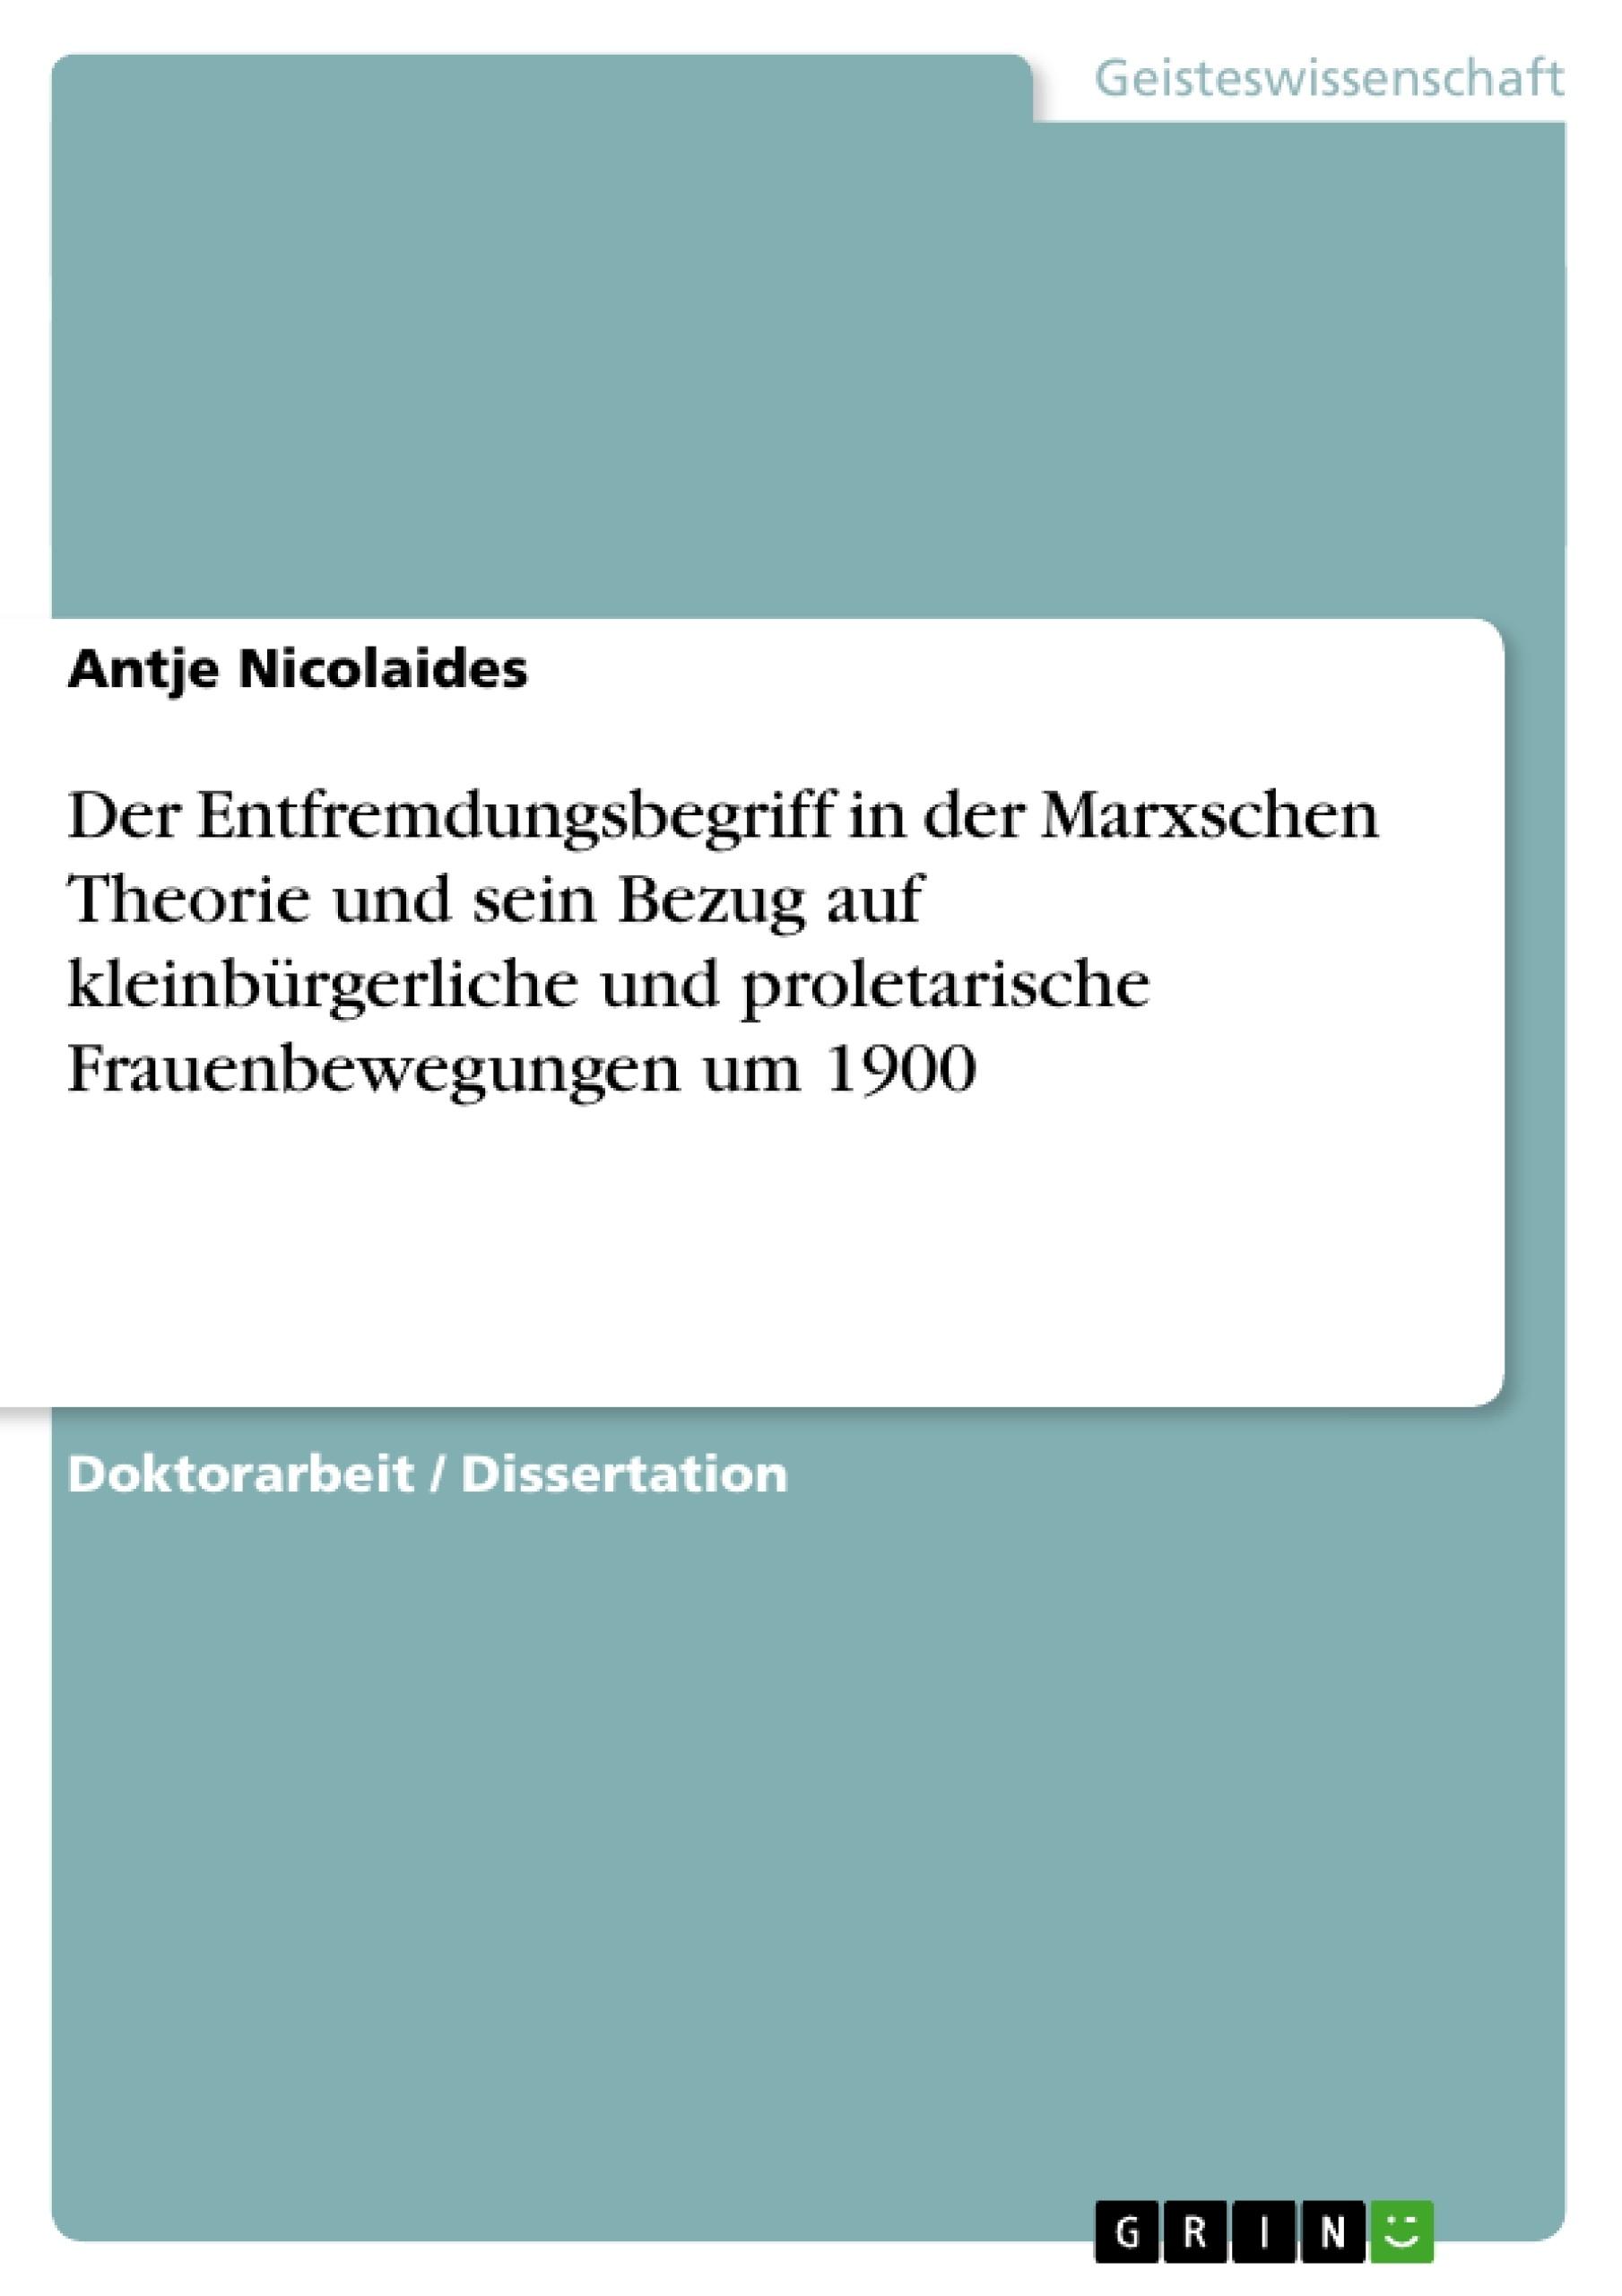 Titel: Der Entfremdungsbegriff in der Marxschen Theorie und sein Bezug auf kleinbürgerliche und proletarische Frauenbewegungen um 1900